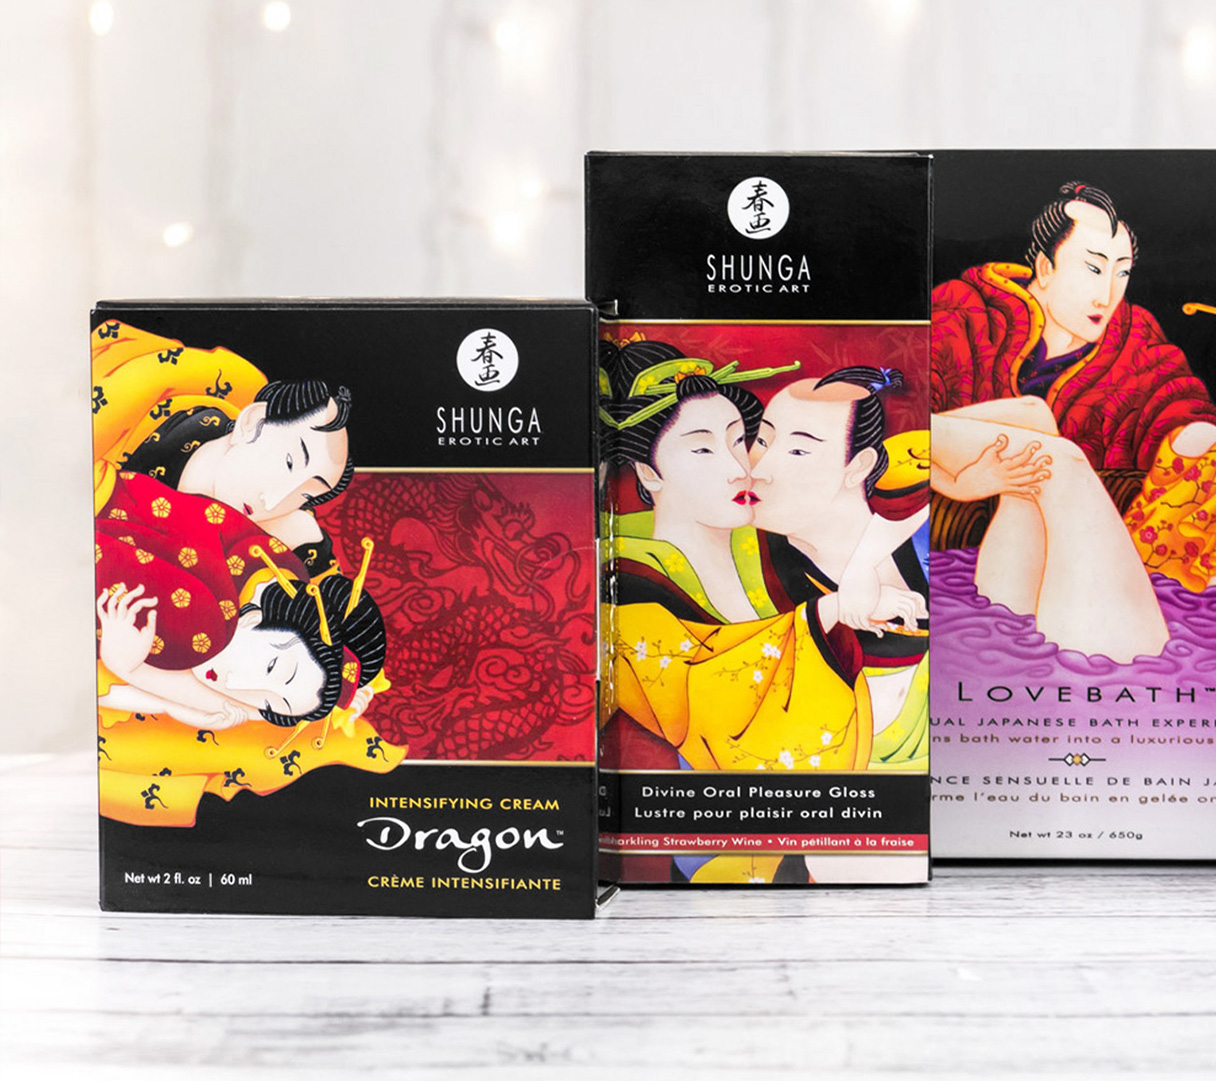 shunga kosmetyki do gry wstepnej opakowanie 1b